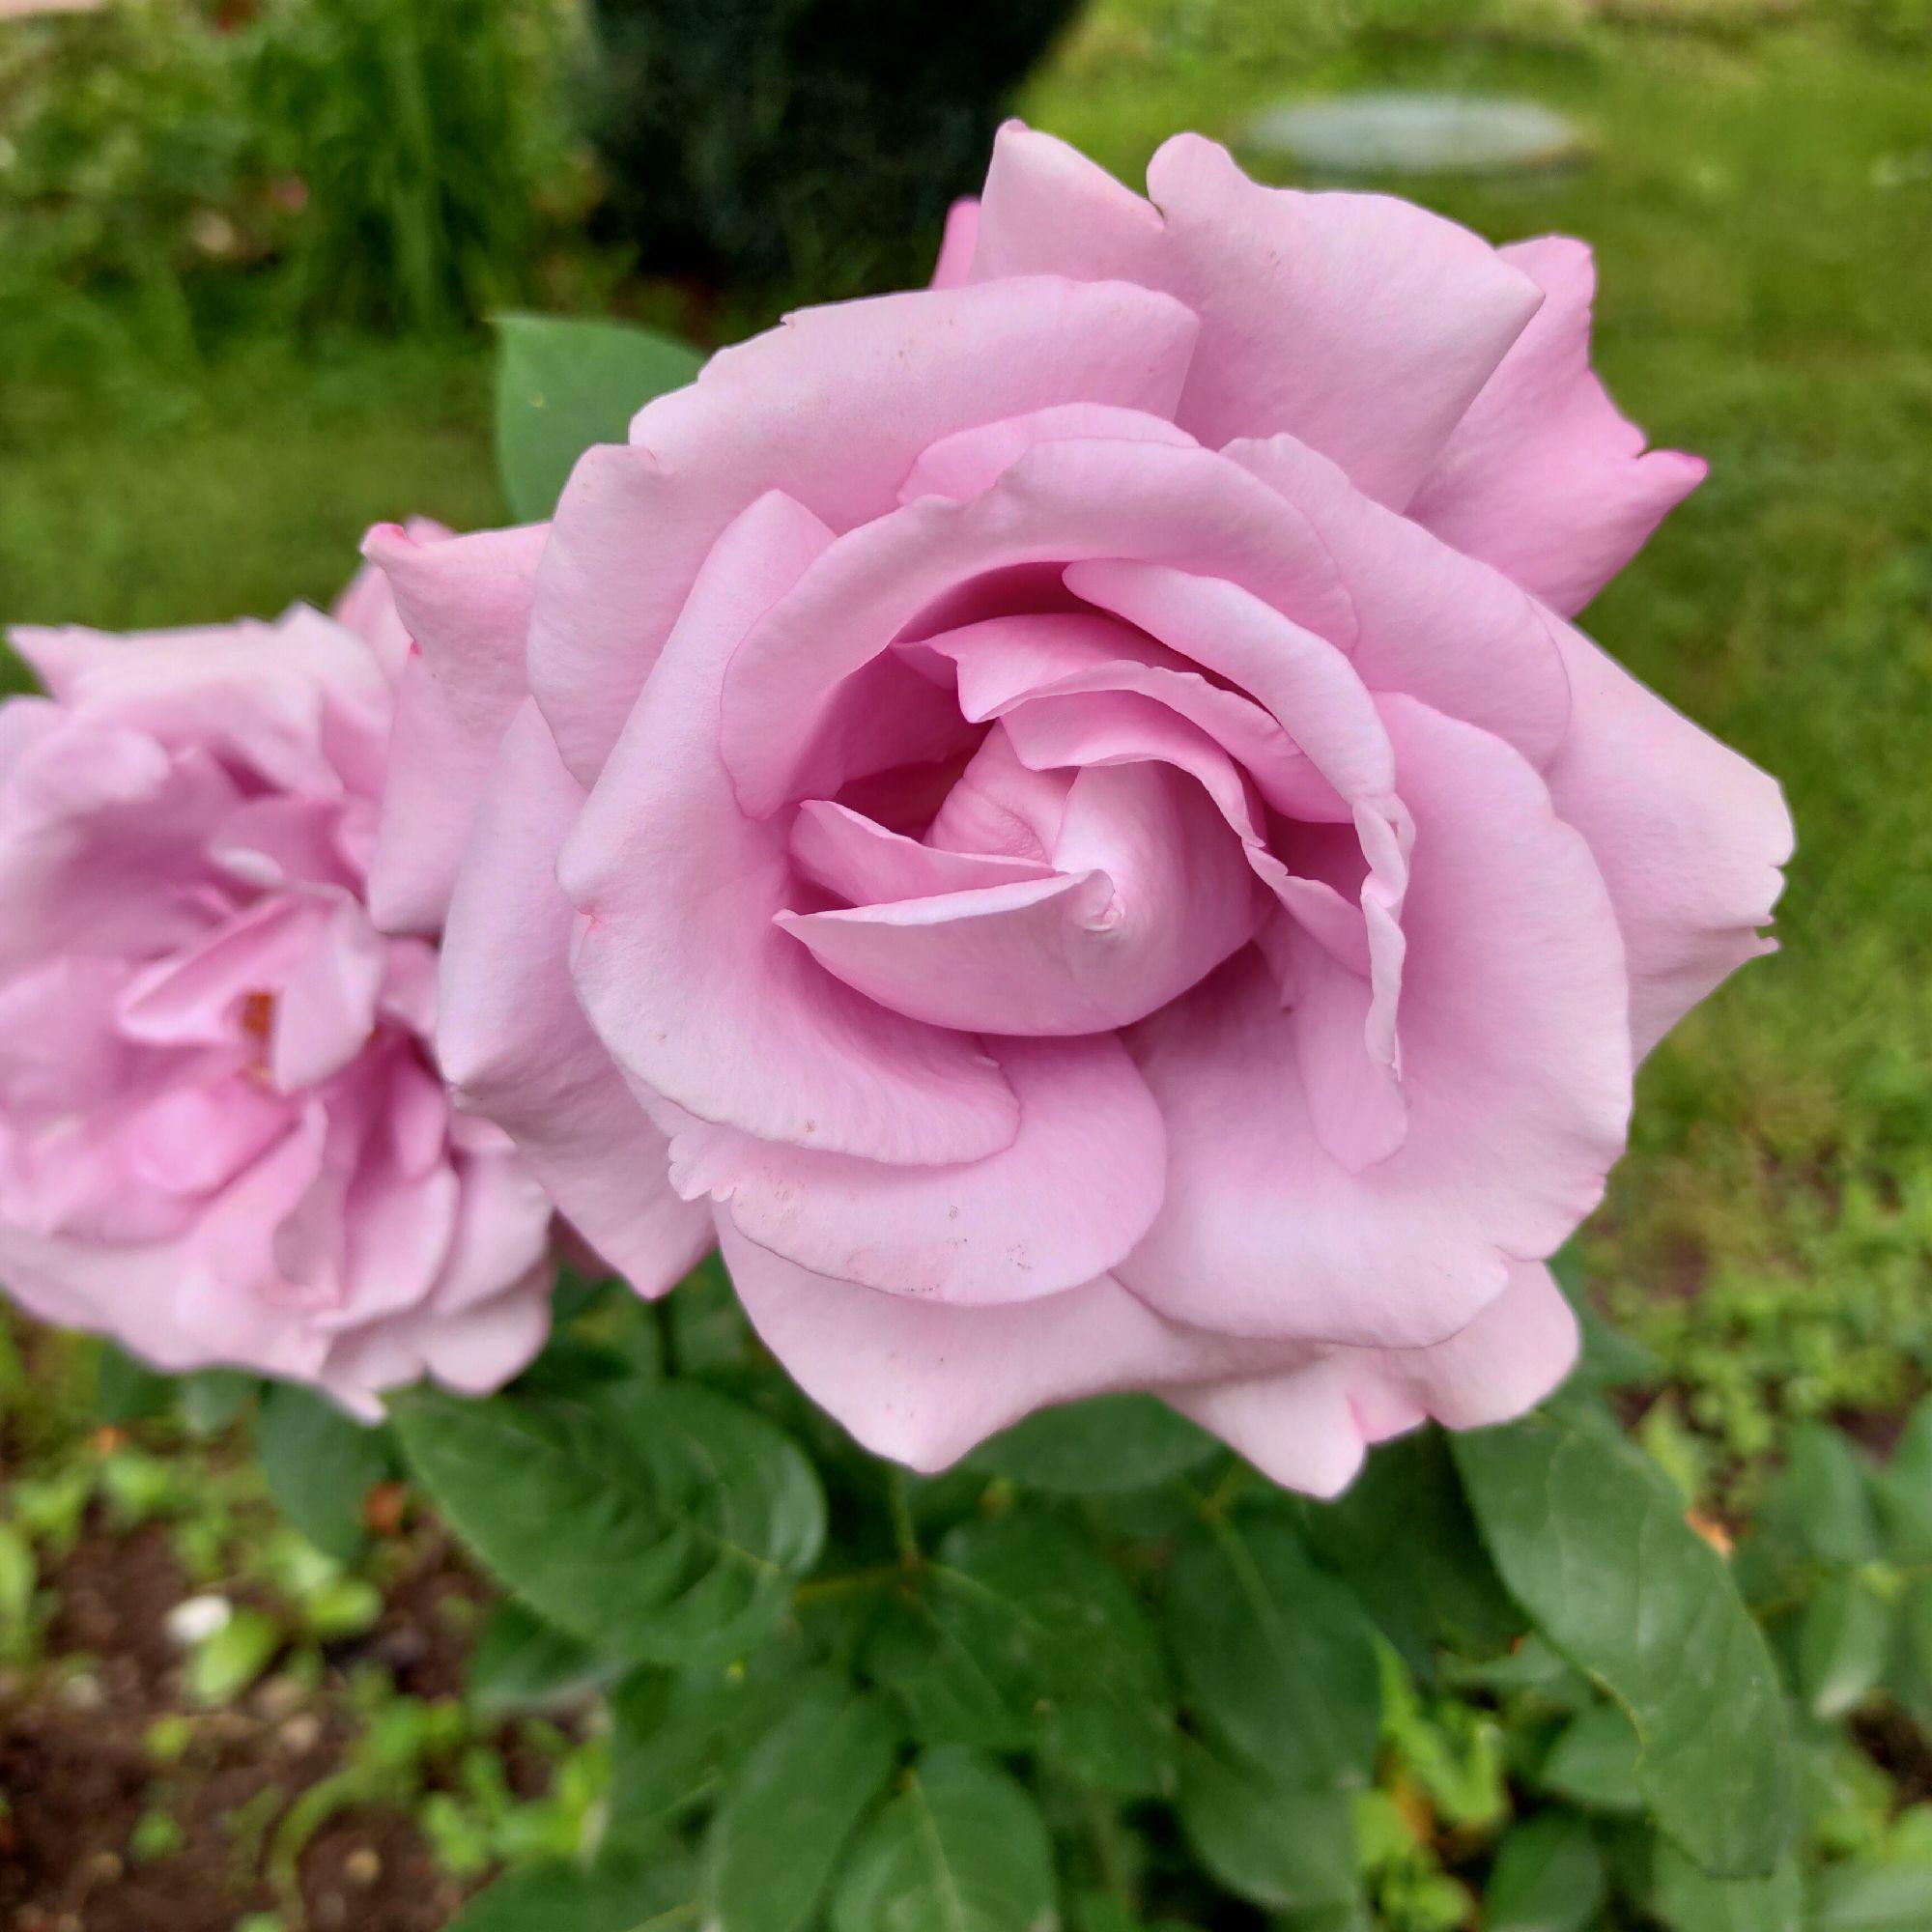 Новенькая роза осенней посадки. Огромный цветок, сильный аромат. Название соответствует: Блу Парфюм.